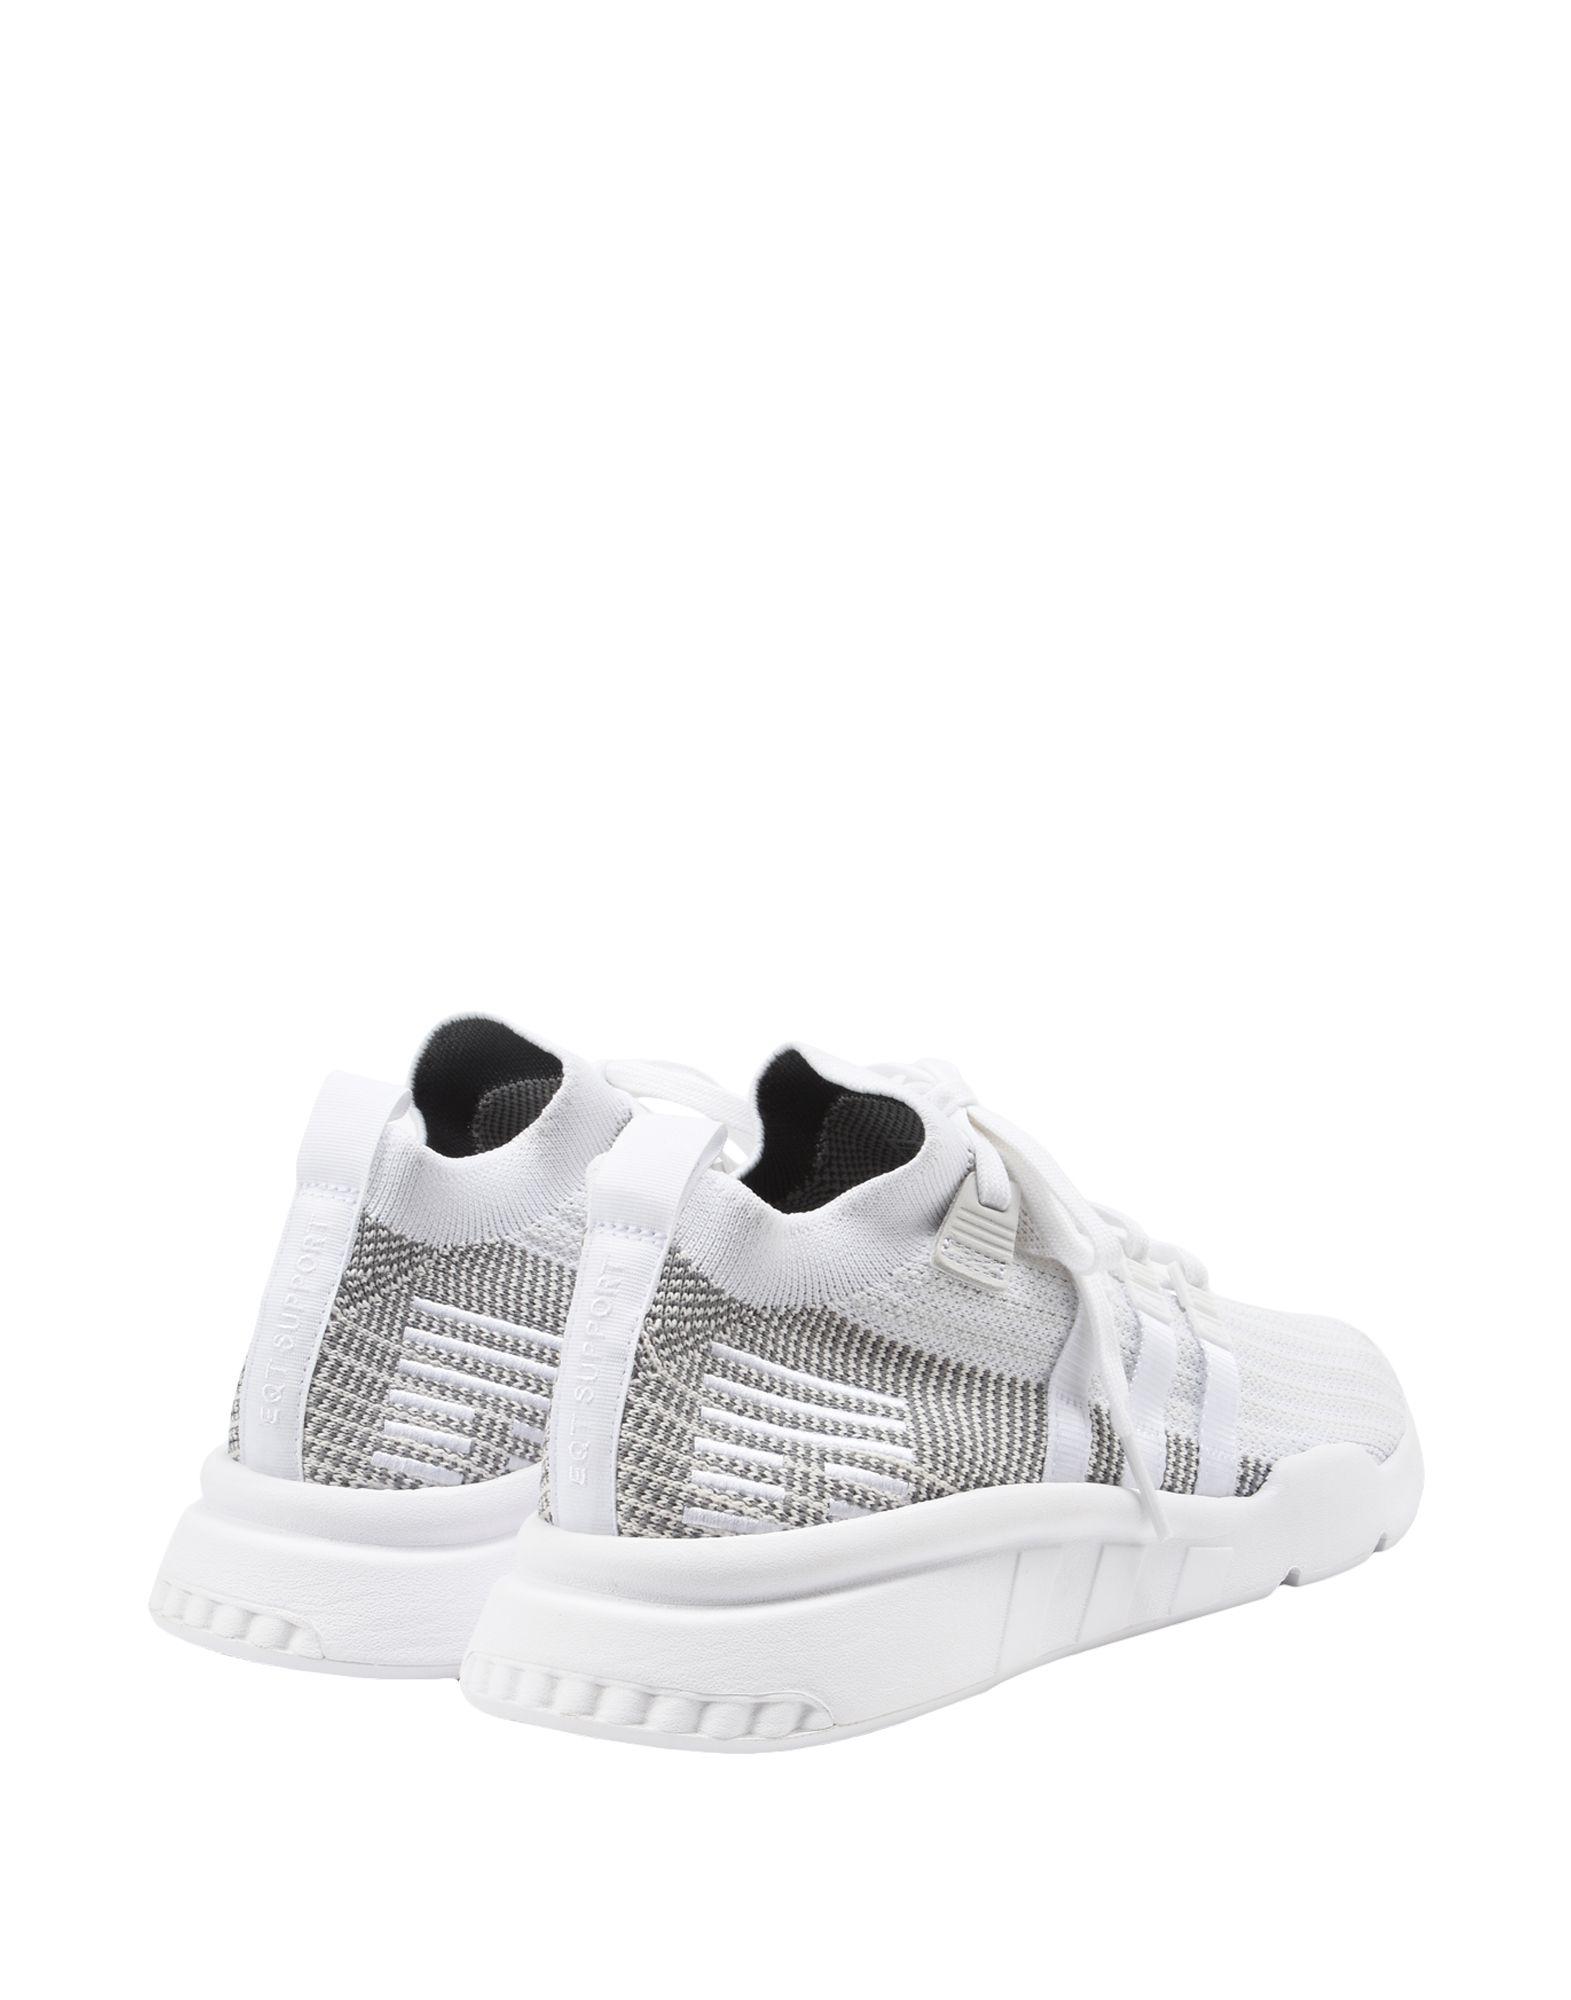 Adidas 11540378NP Originals Eqt Support Mid Adv Pk  11540378NP Adidas Gute Qualität beliebte Schuhe 809c01